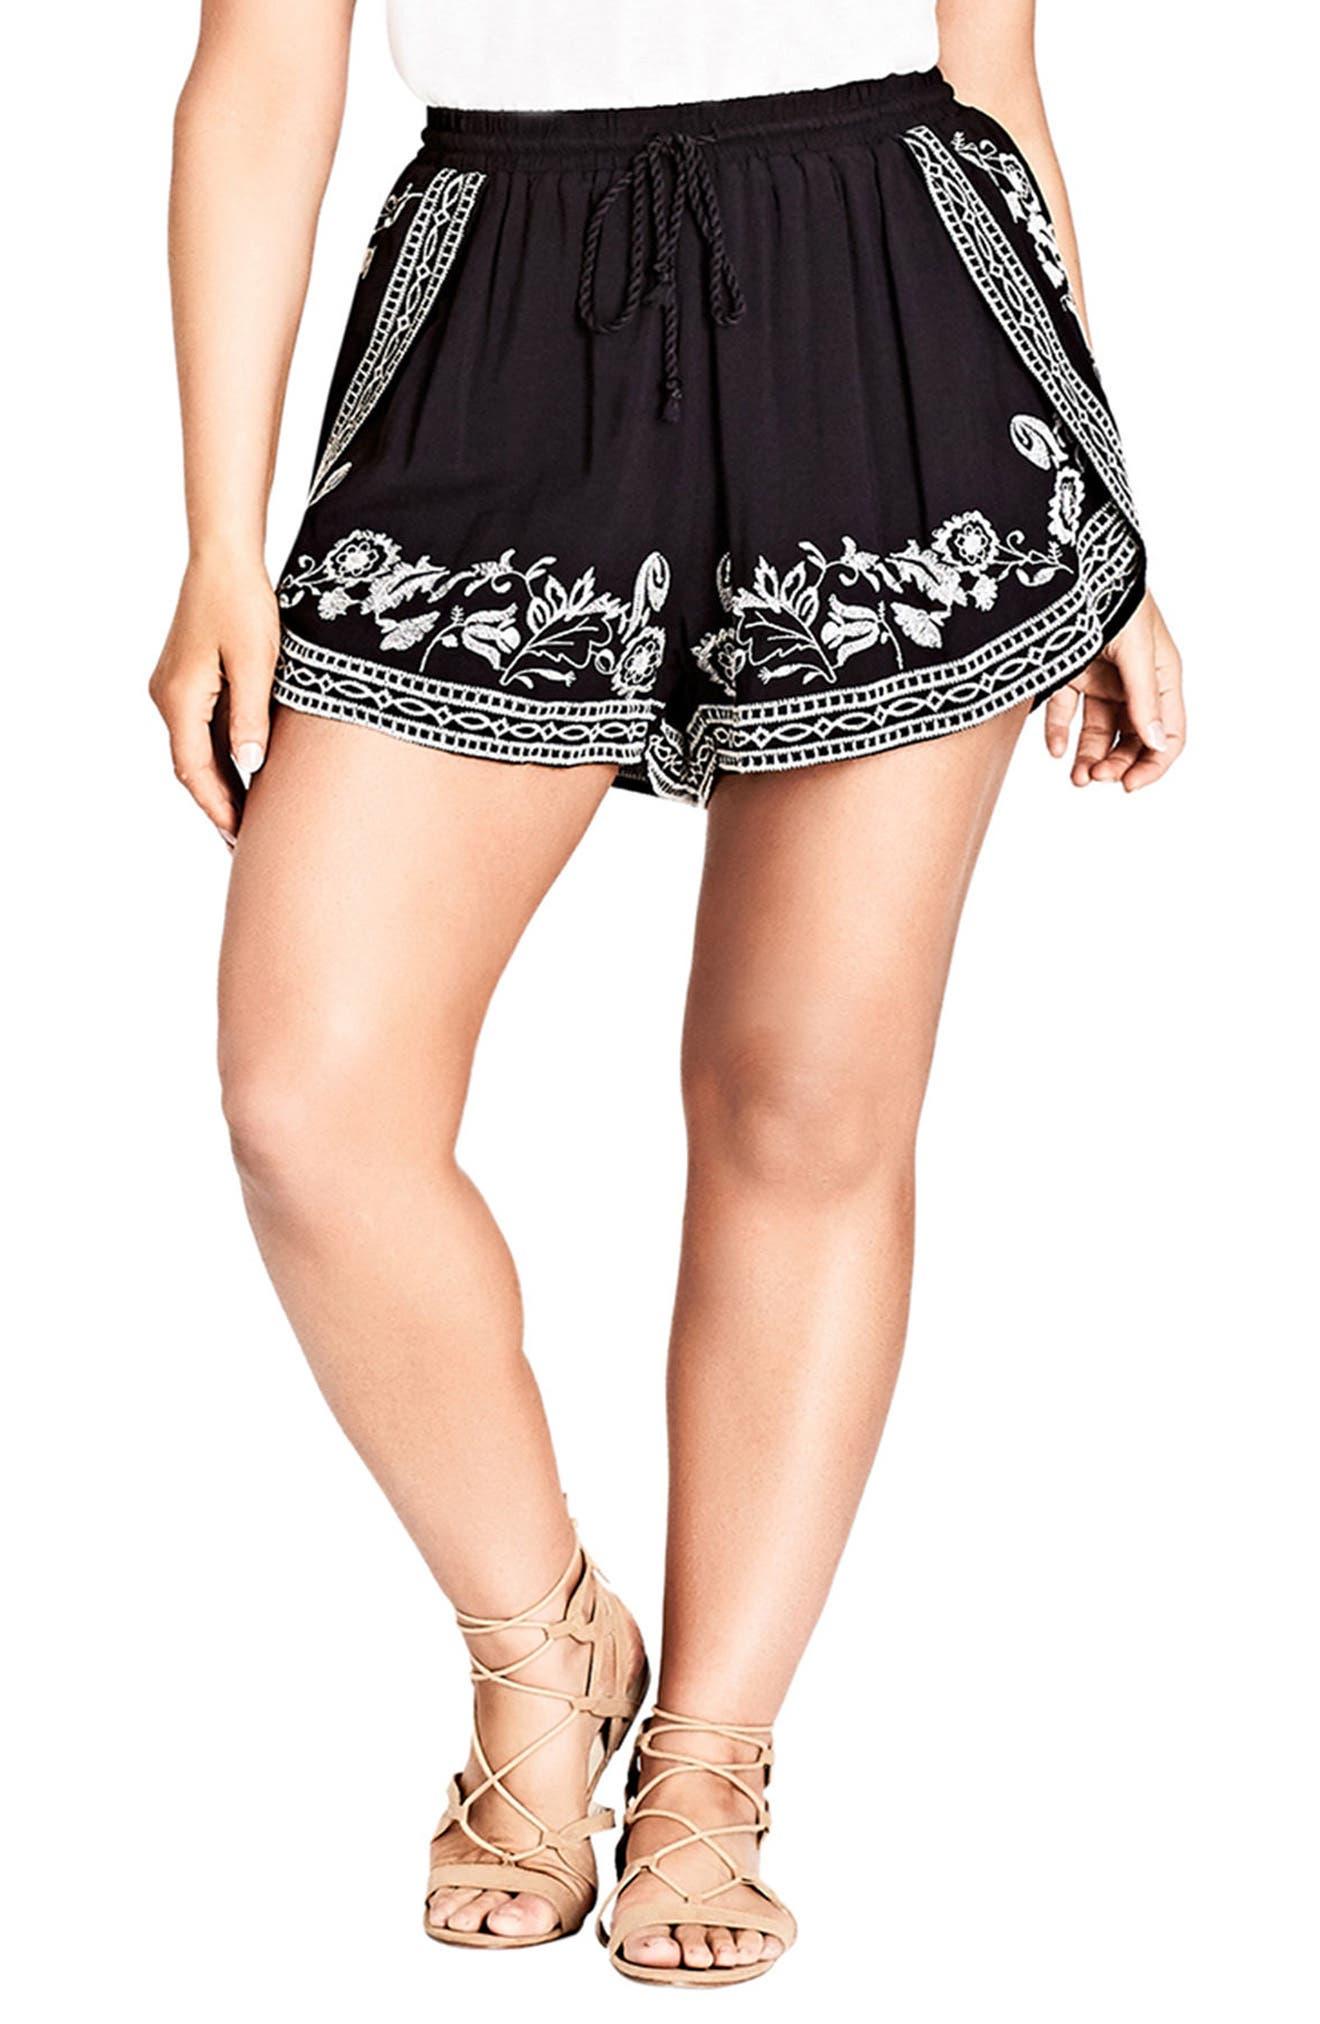 Stella Embroidered Shorts,                             Main thumbnail 1, color,                             001